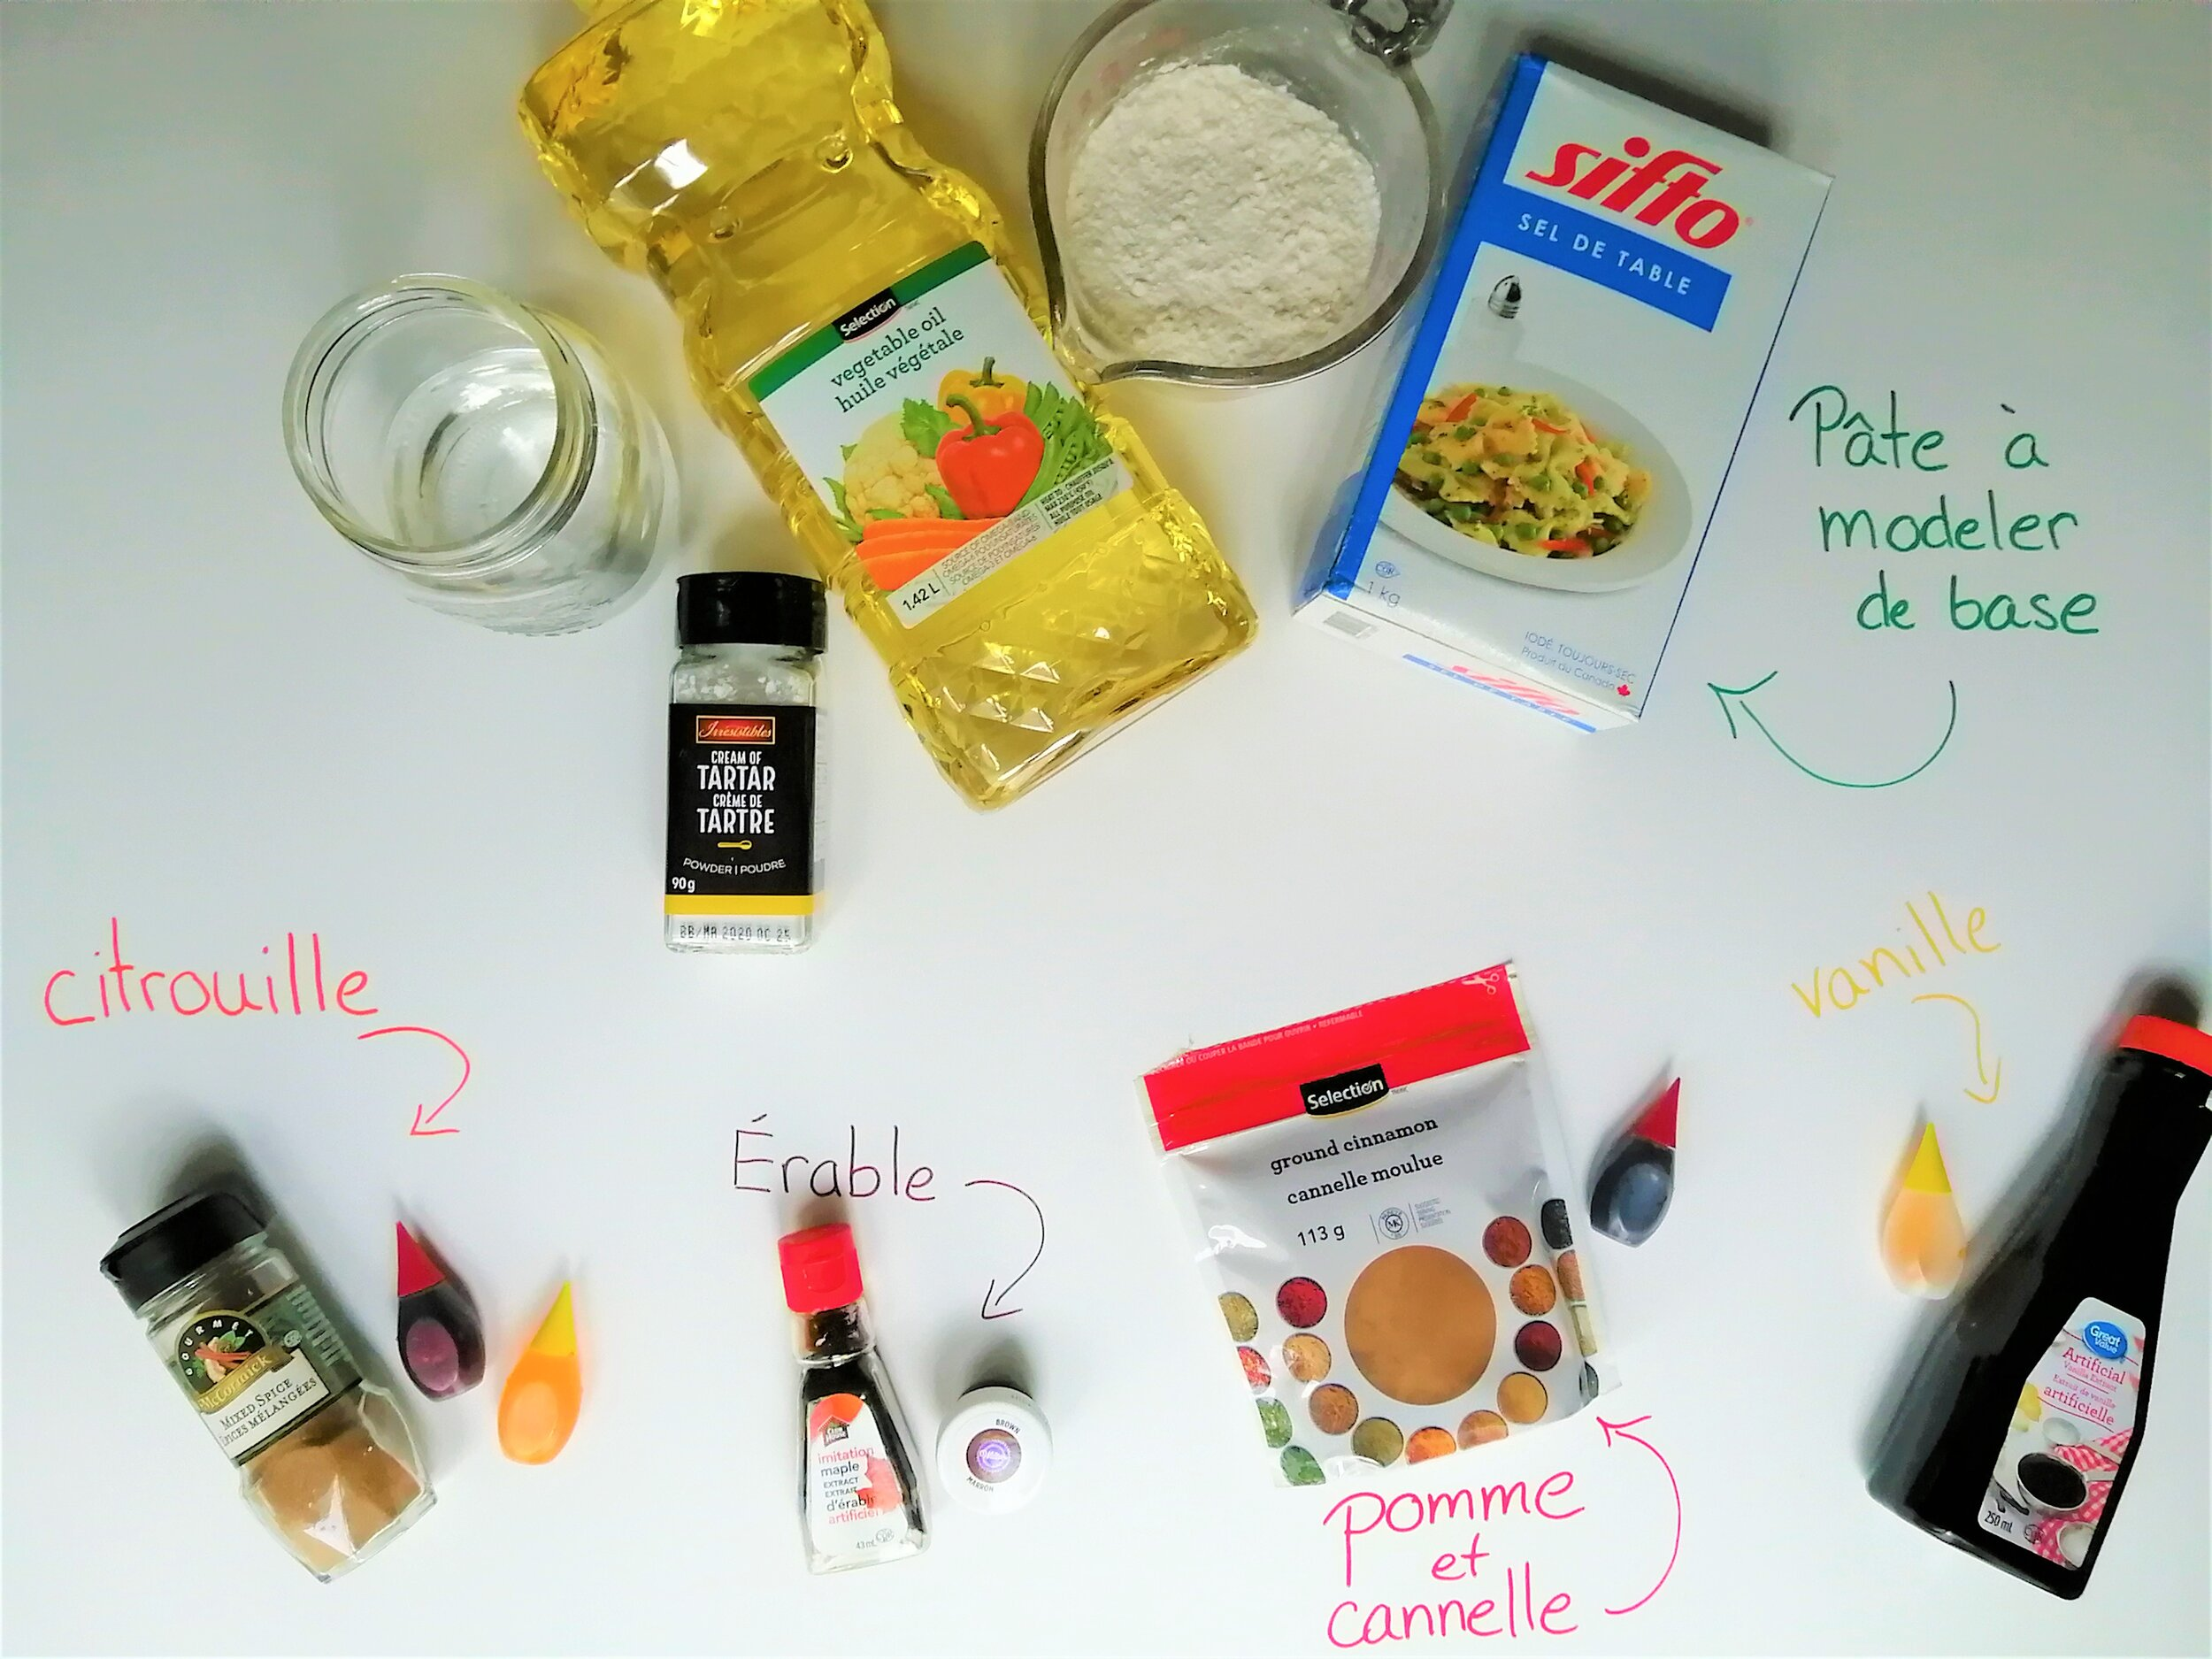 fabriquer-pâte-à-modeler-maison-automne-érable-citrouille-pommes-cannelle